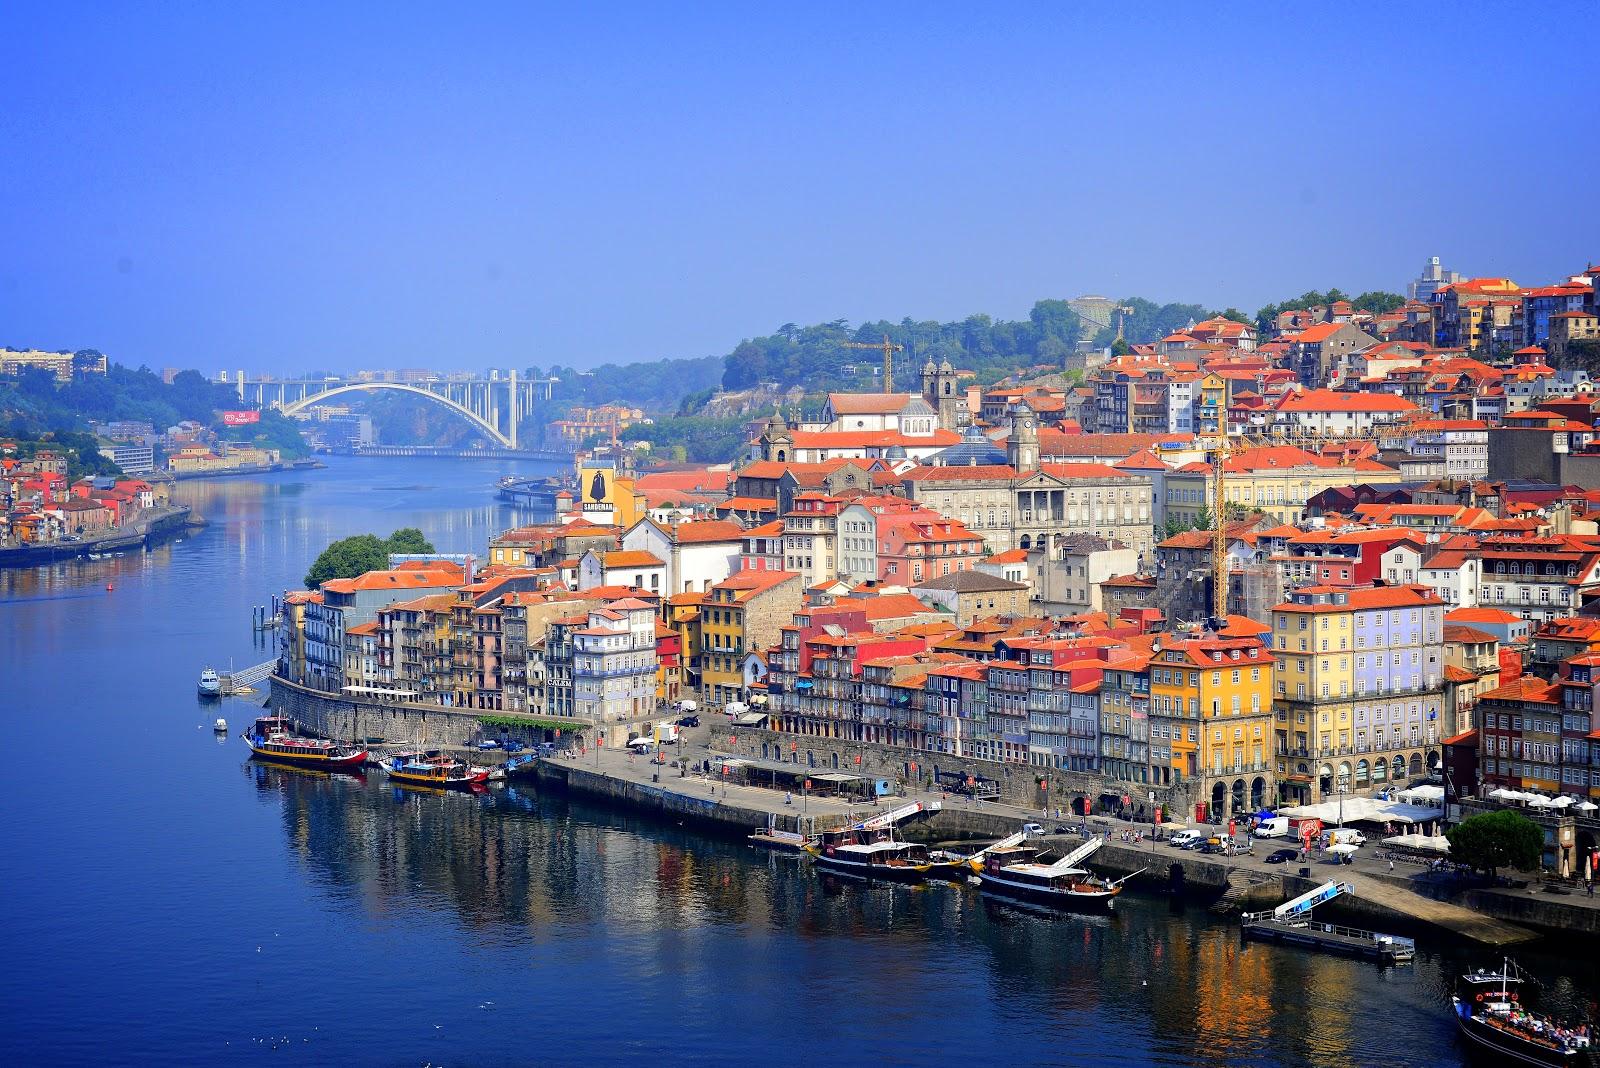 201706 葡萄牙之旅:行前準備。行程總覽篇